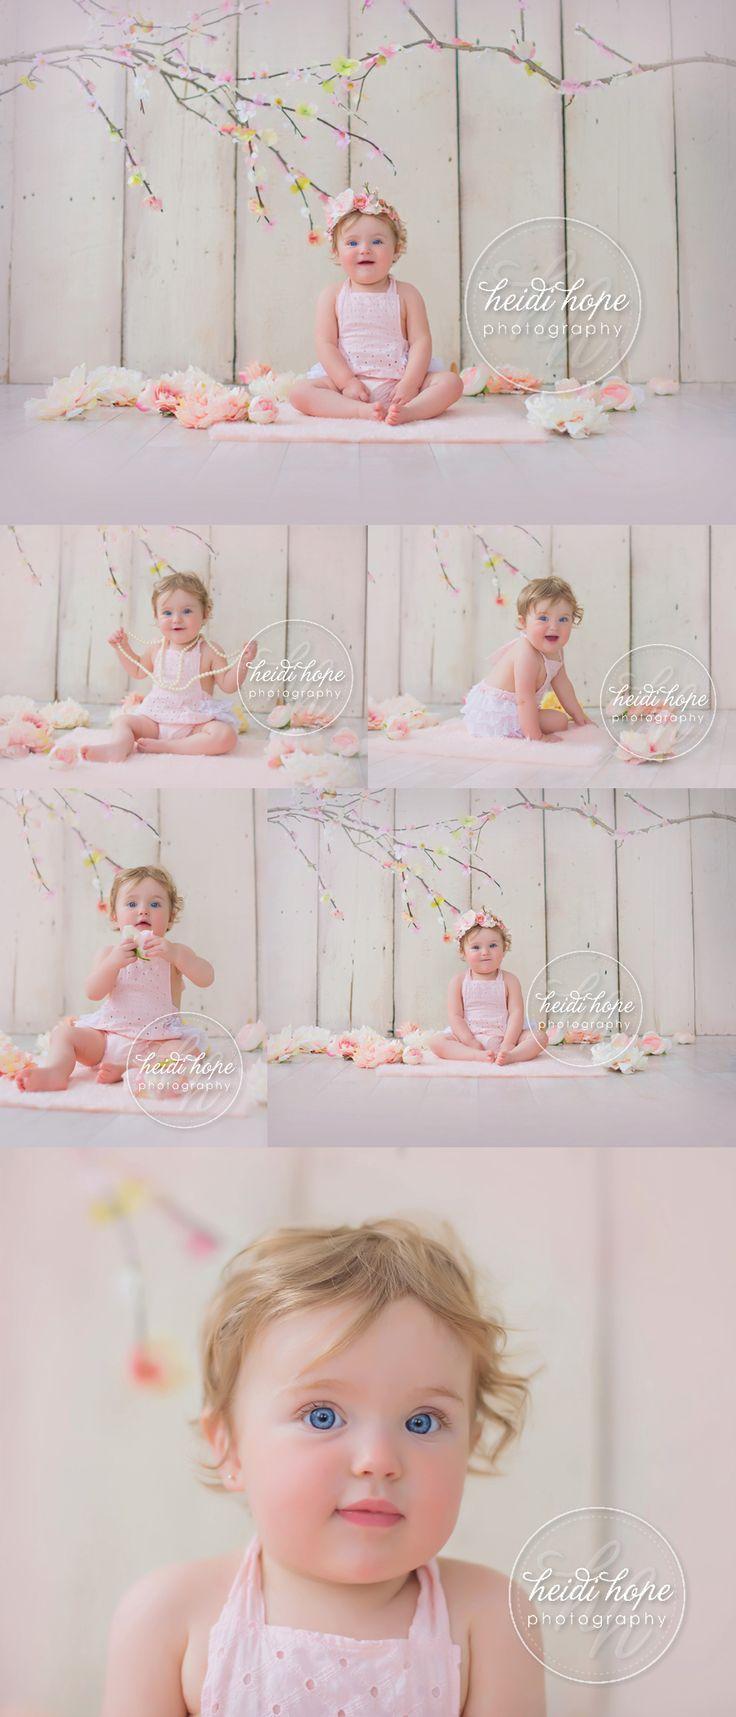 #babygirl #rhodeisland #babyphotographer #heidihope